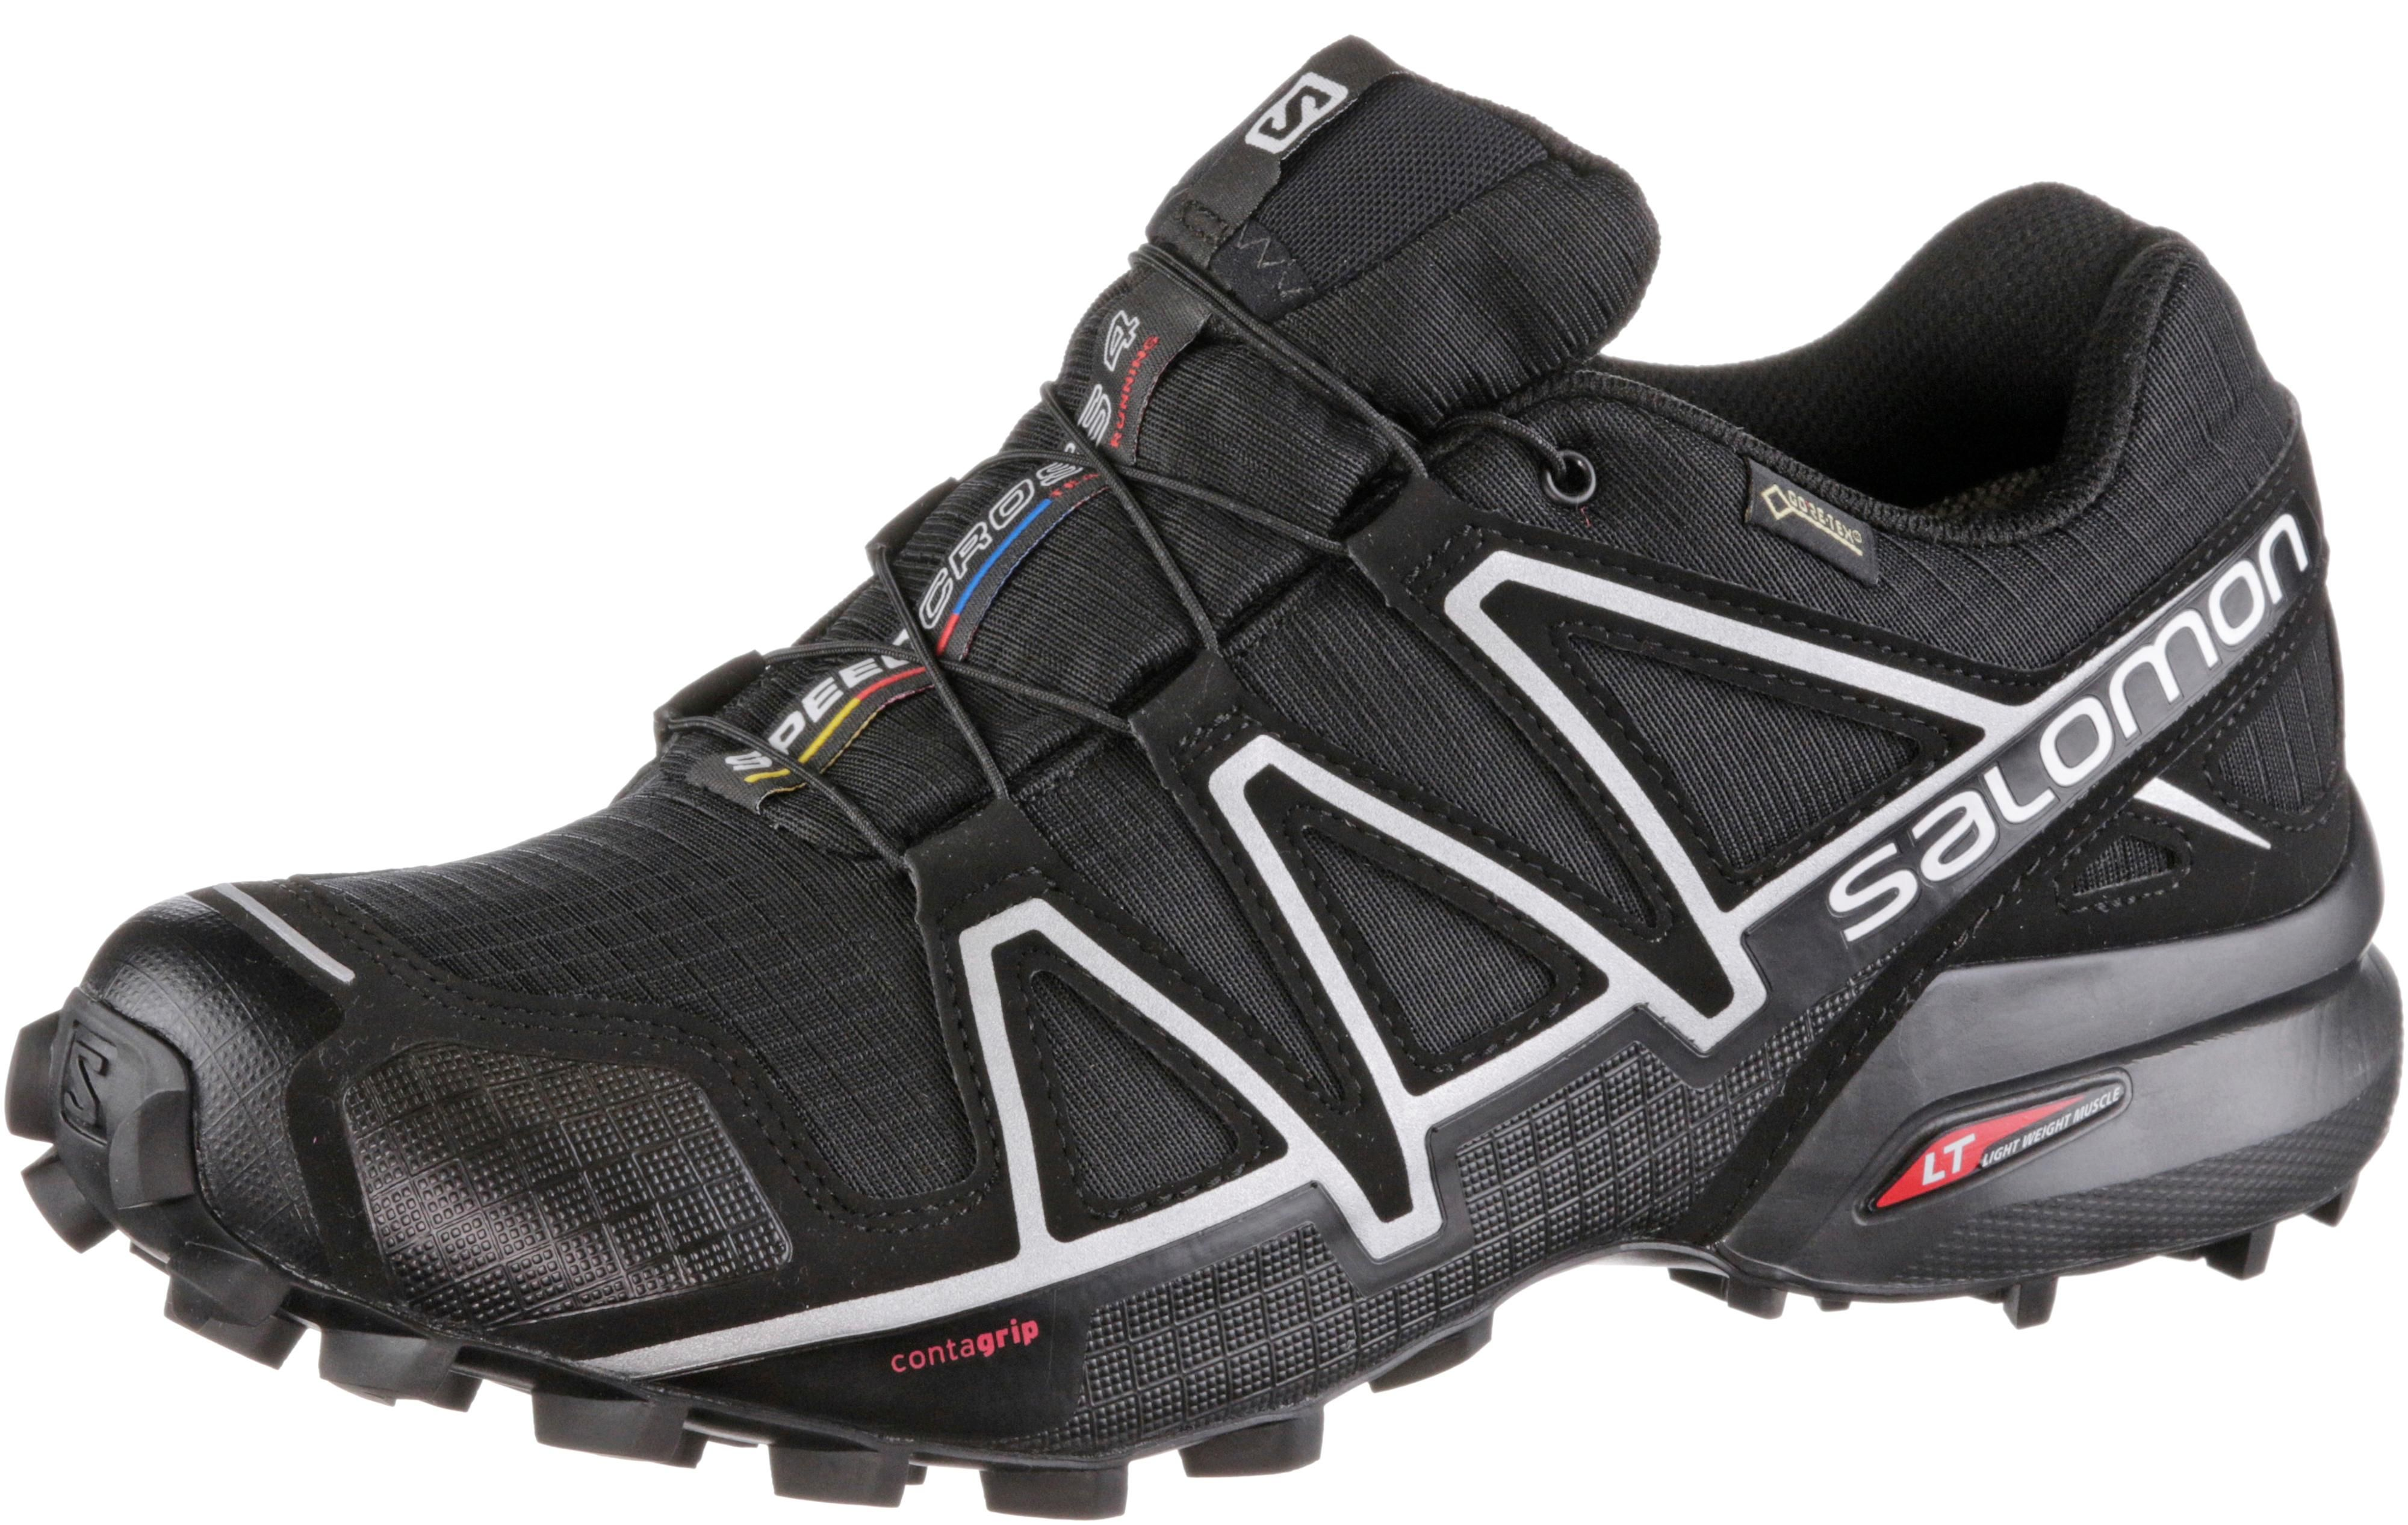 Salomon Schuhe für Männer | Schuhe | Schuhe für männer